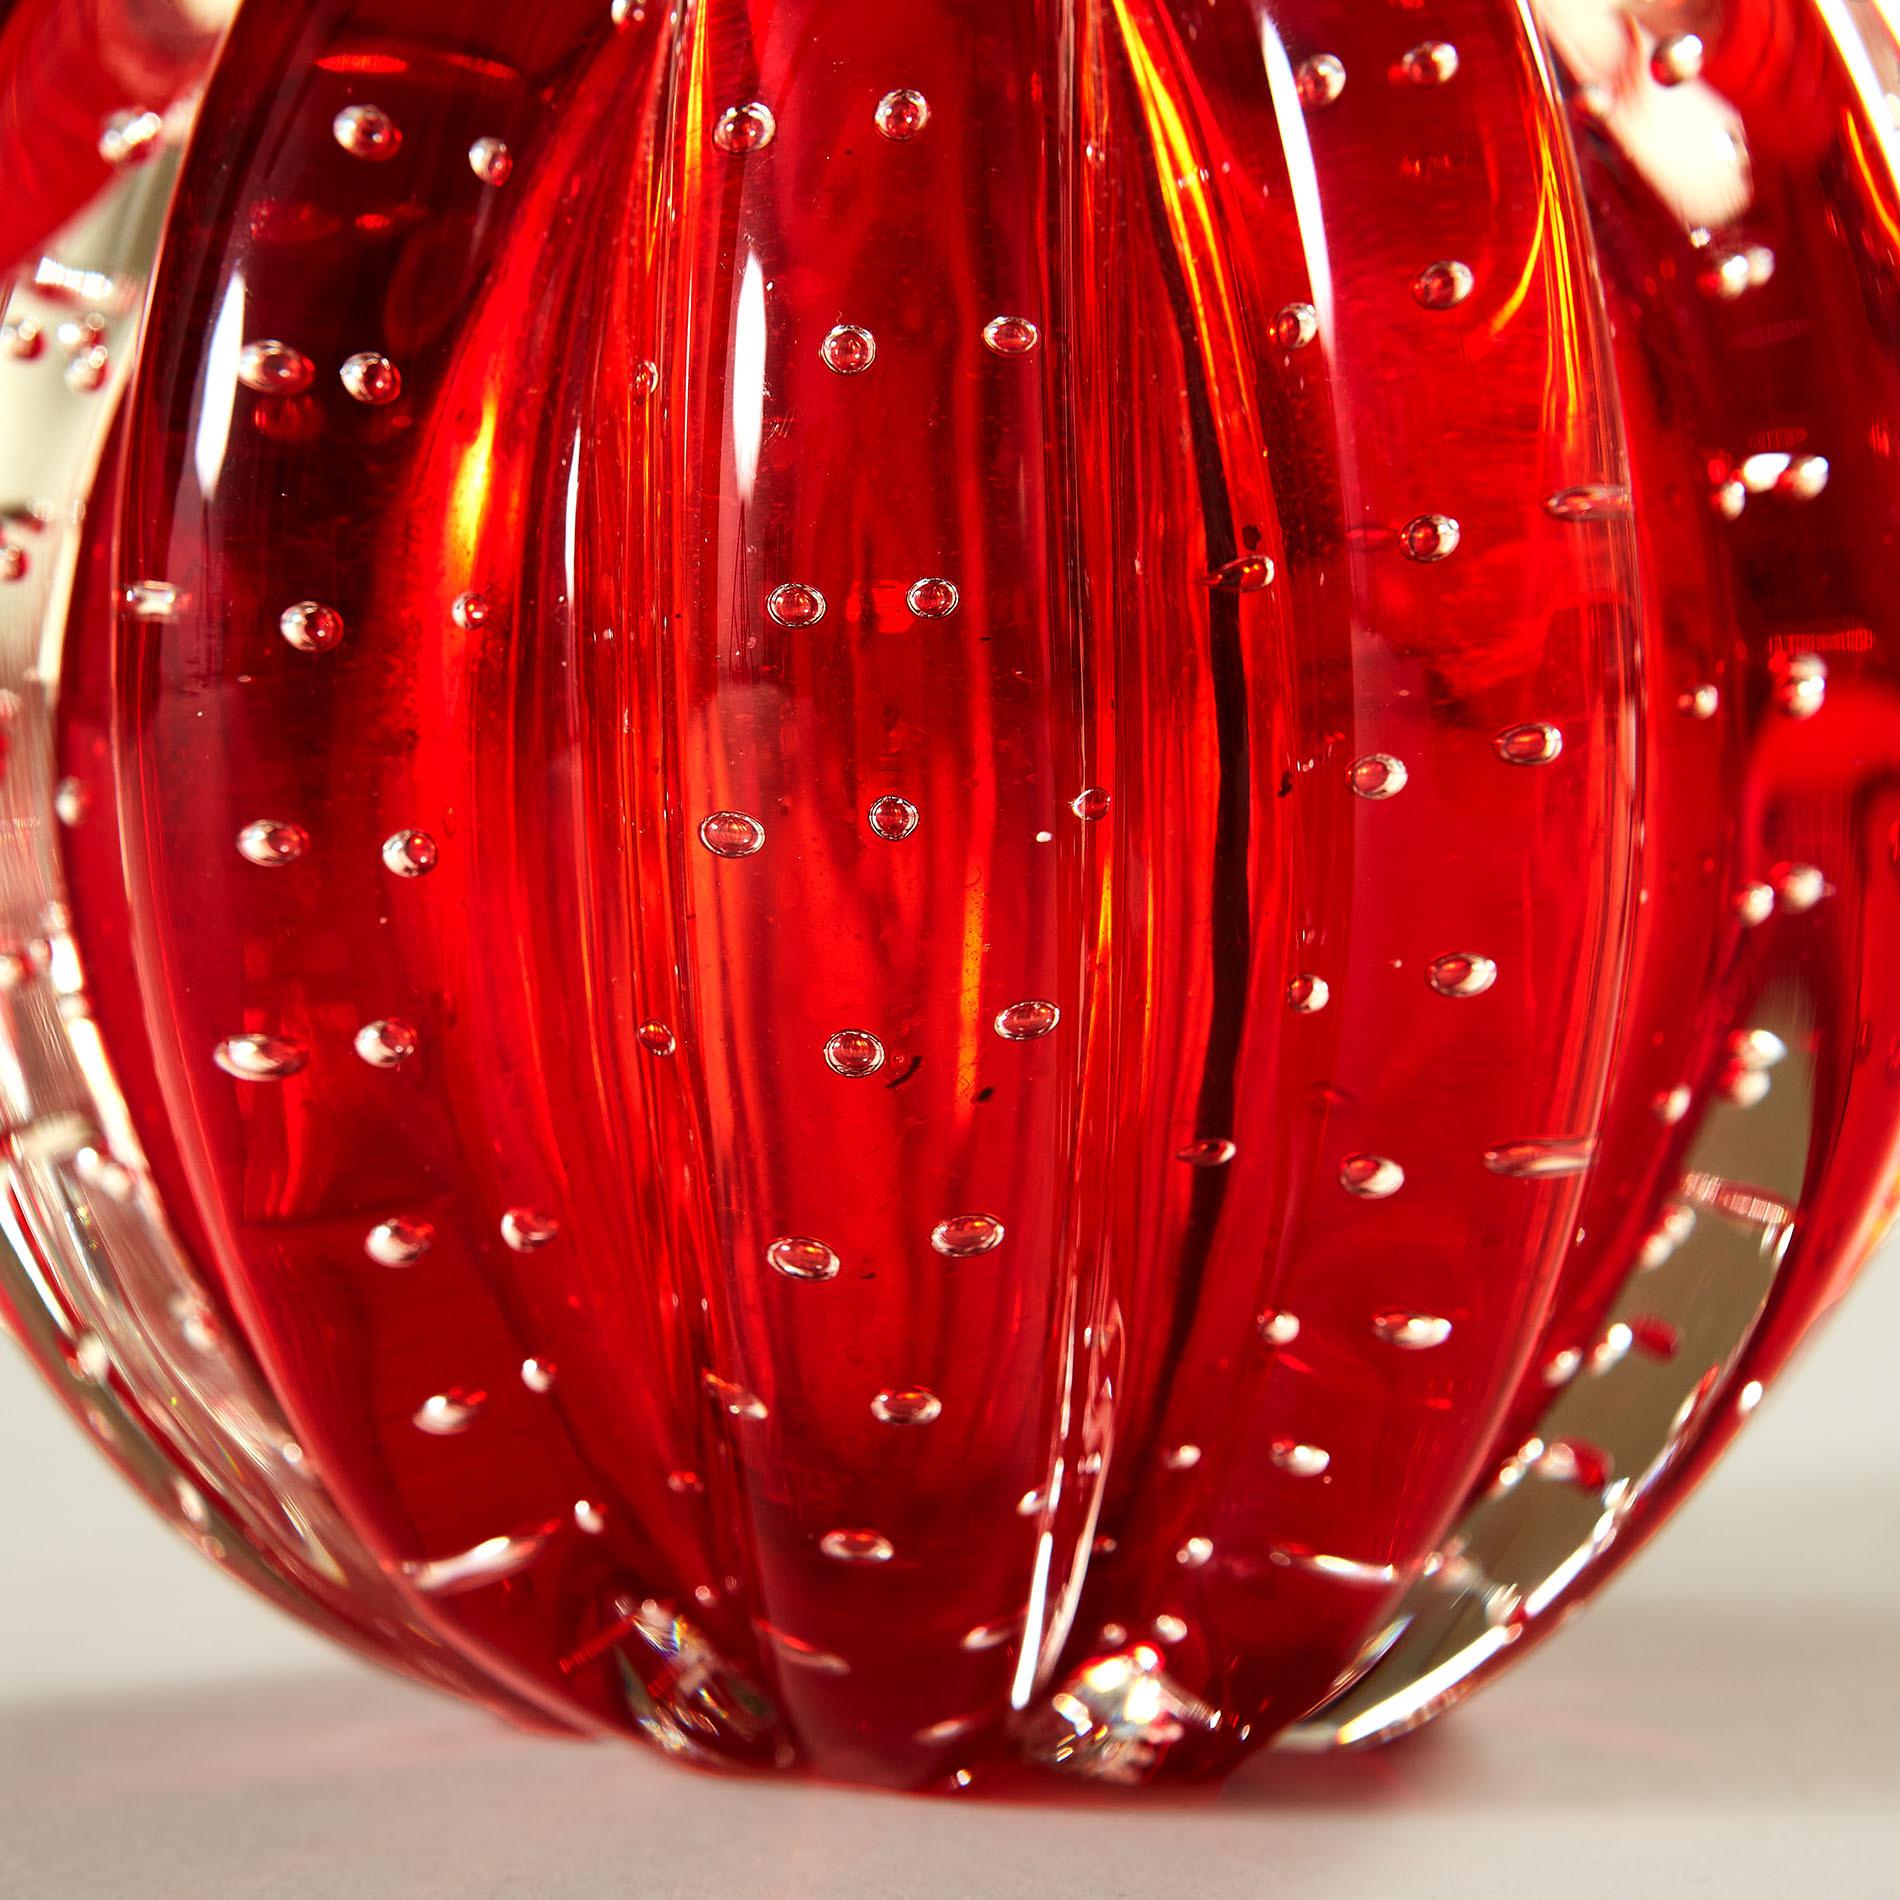 Red Murano Ball Lamp 20210225 Valerie Wade 3 075 V1